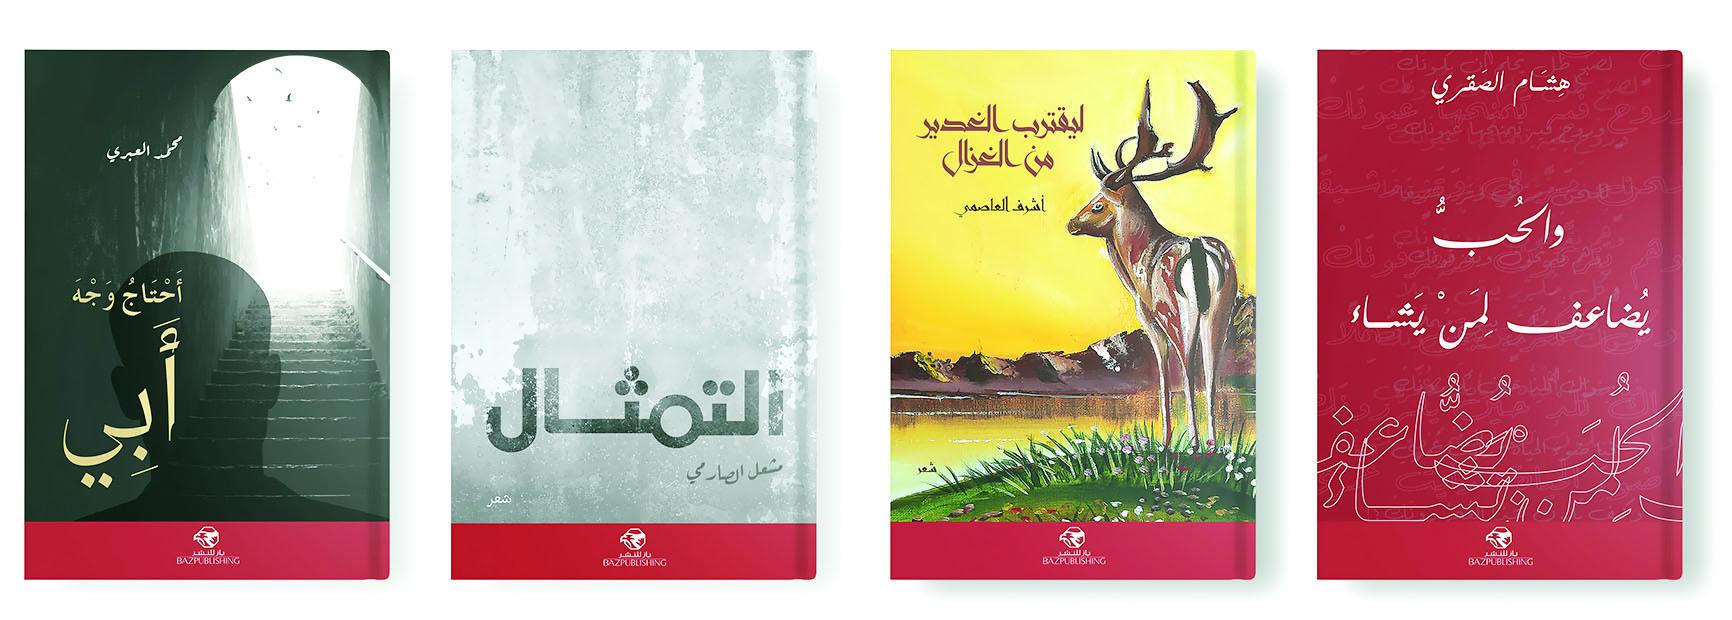 باز للنشر تصدر 4 دواوين شعر عُمانية في معرض الكتاب